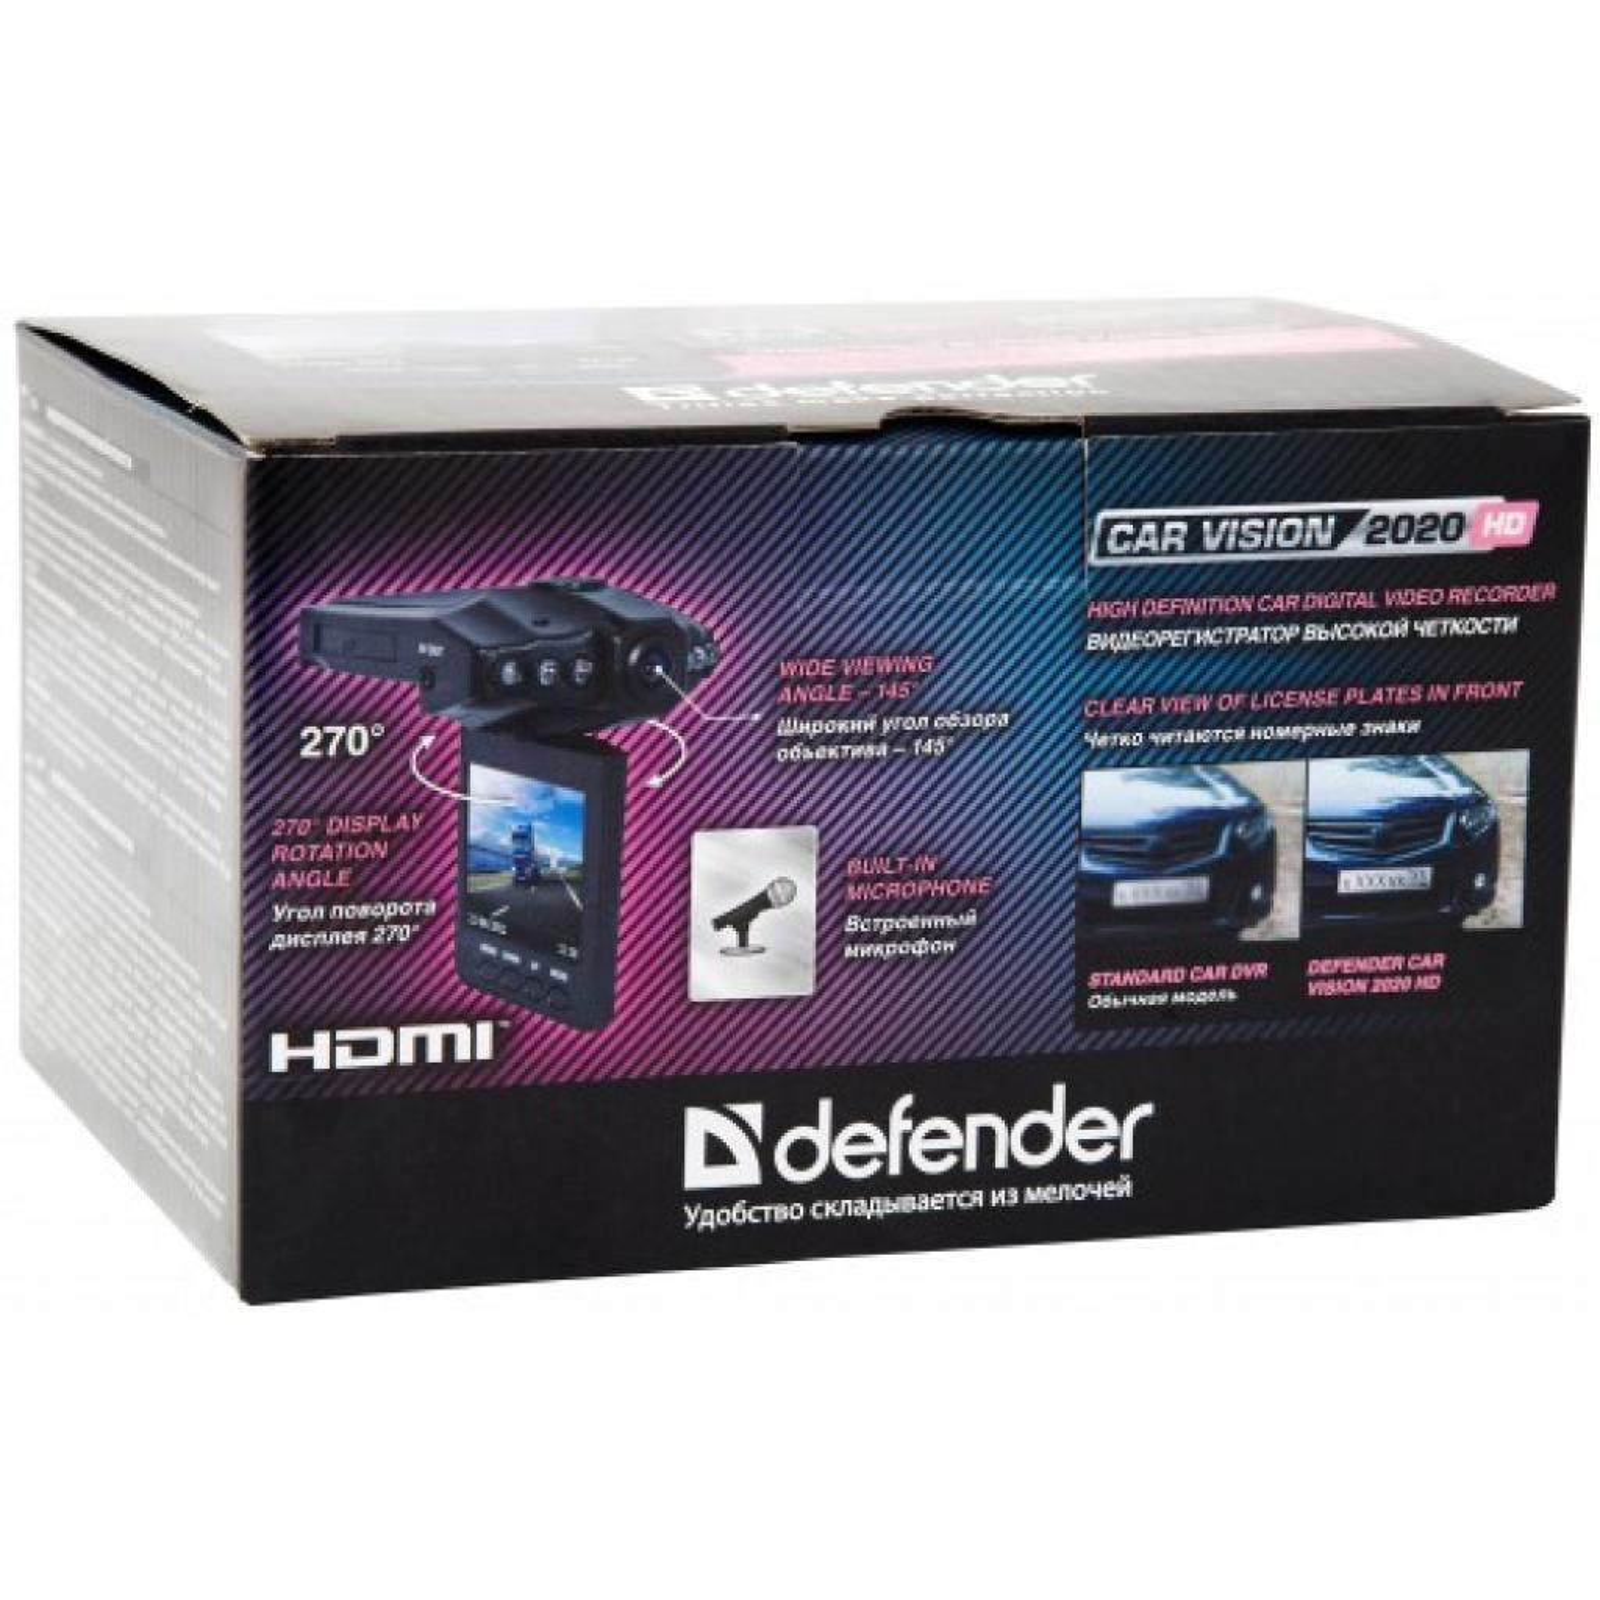 Видеорегистратор Defender Car vision 2020 HD изображение 10